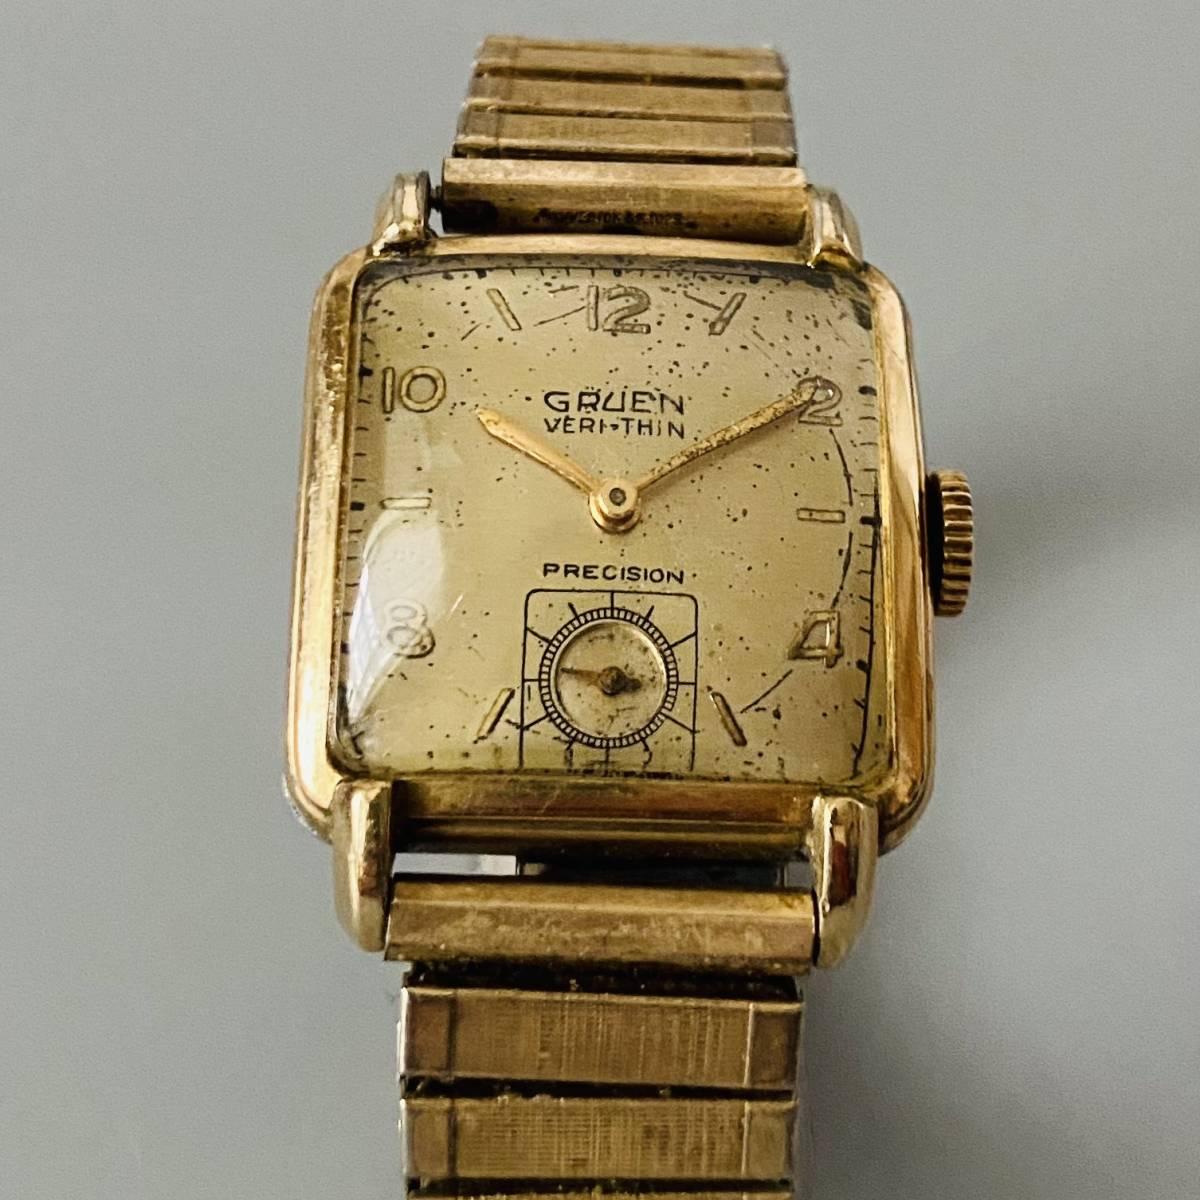 【アンティーク グリュエン】Gruen veri-thin 1940年代 スモセコ cal 425 17石 手巻き メンズ レディース ビンテージ 腕時計 スイス 訳あり_画像5